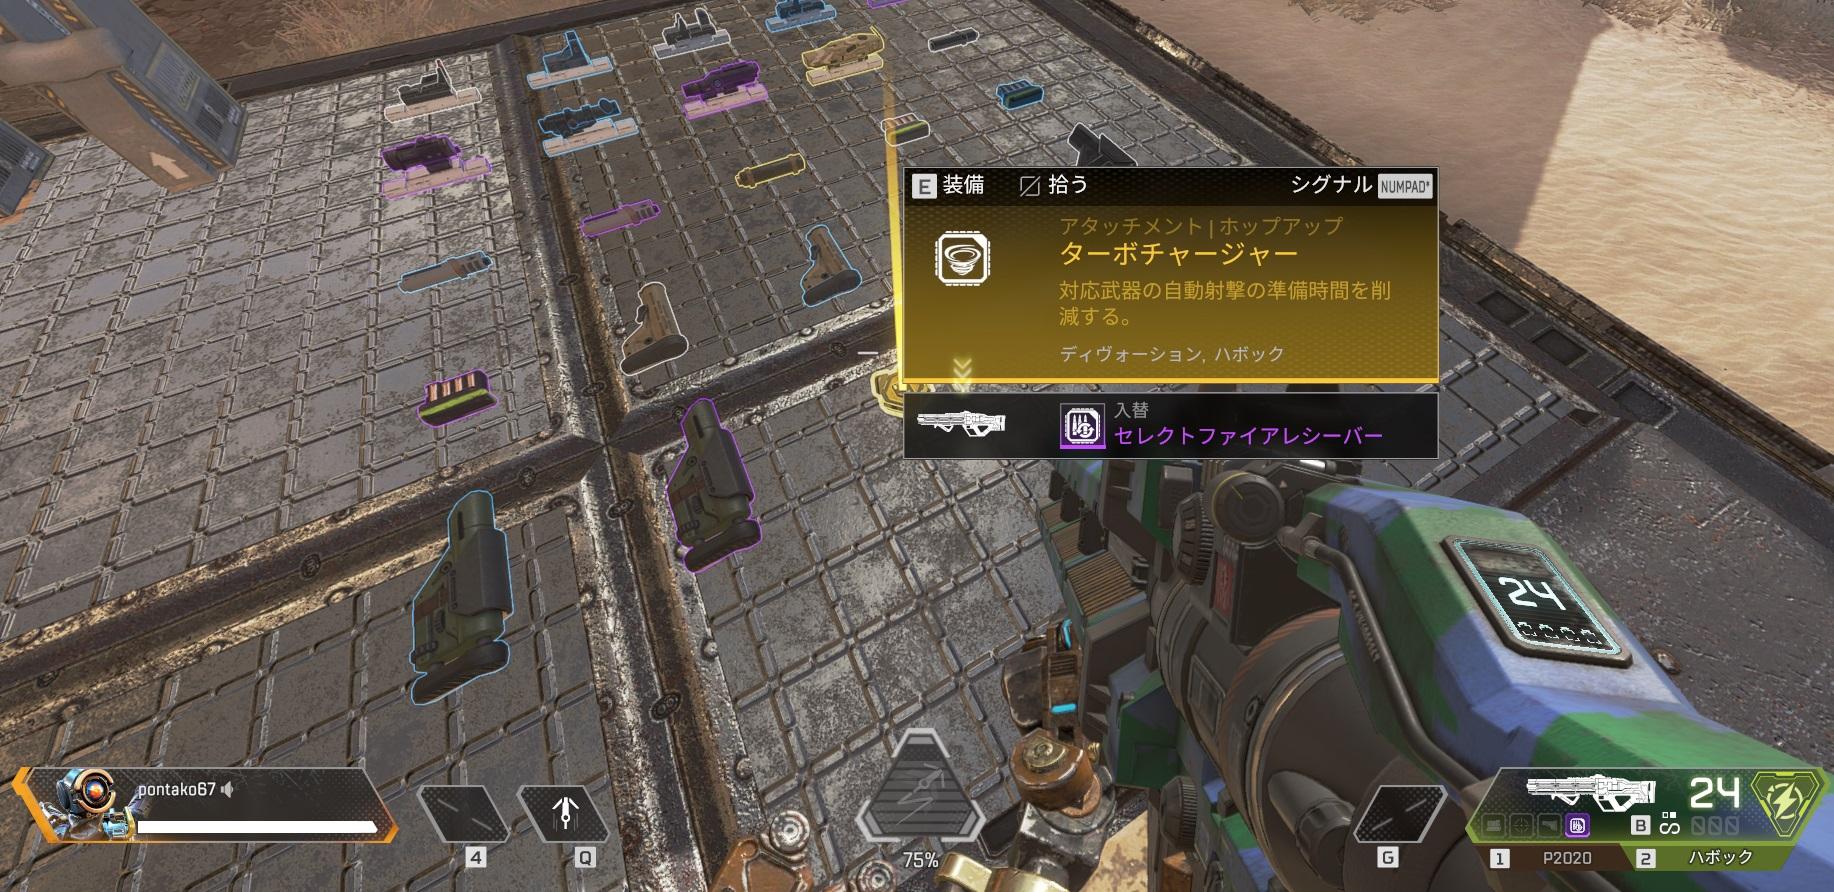 【Apex Legends】セレクトファイアを付けた「ハボック」でチャージ状態を維持する裏技【アプデで出来なくなりました😫】